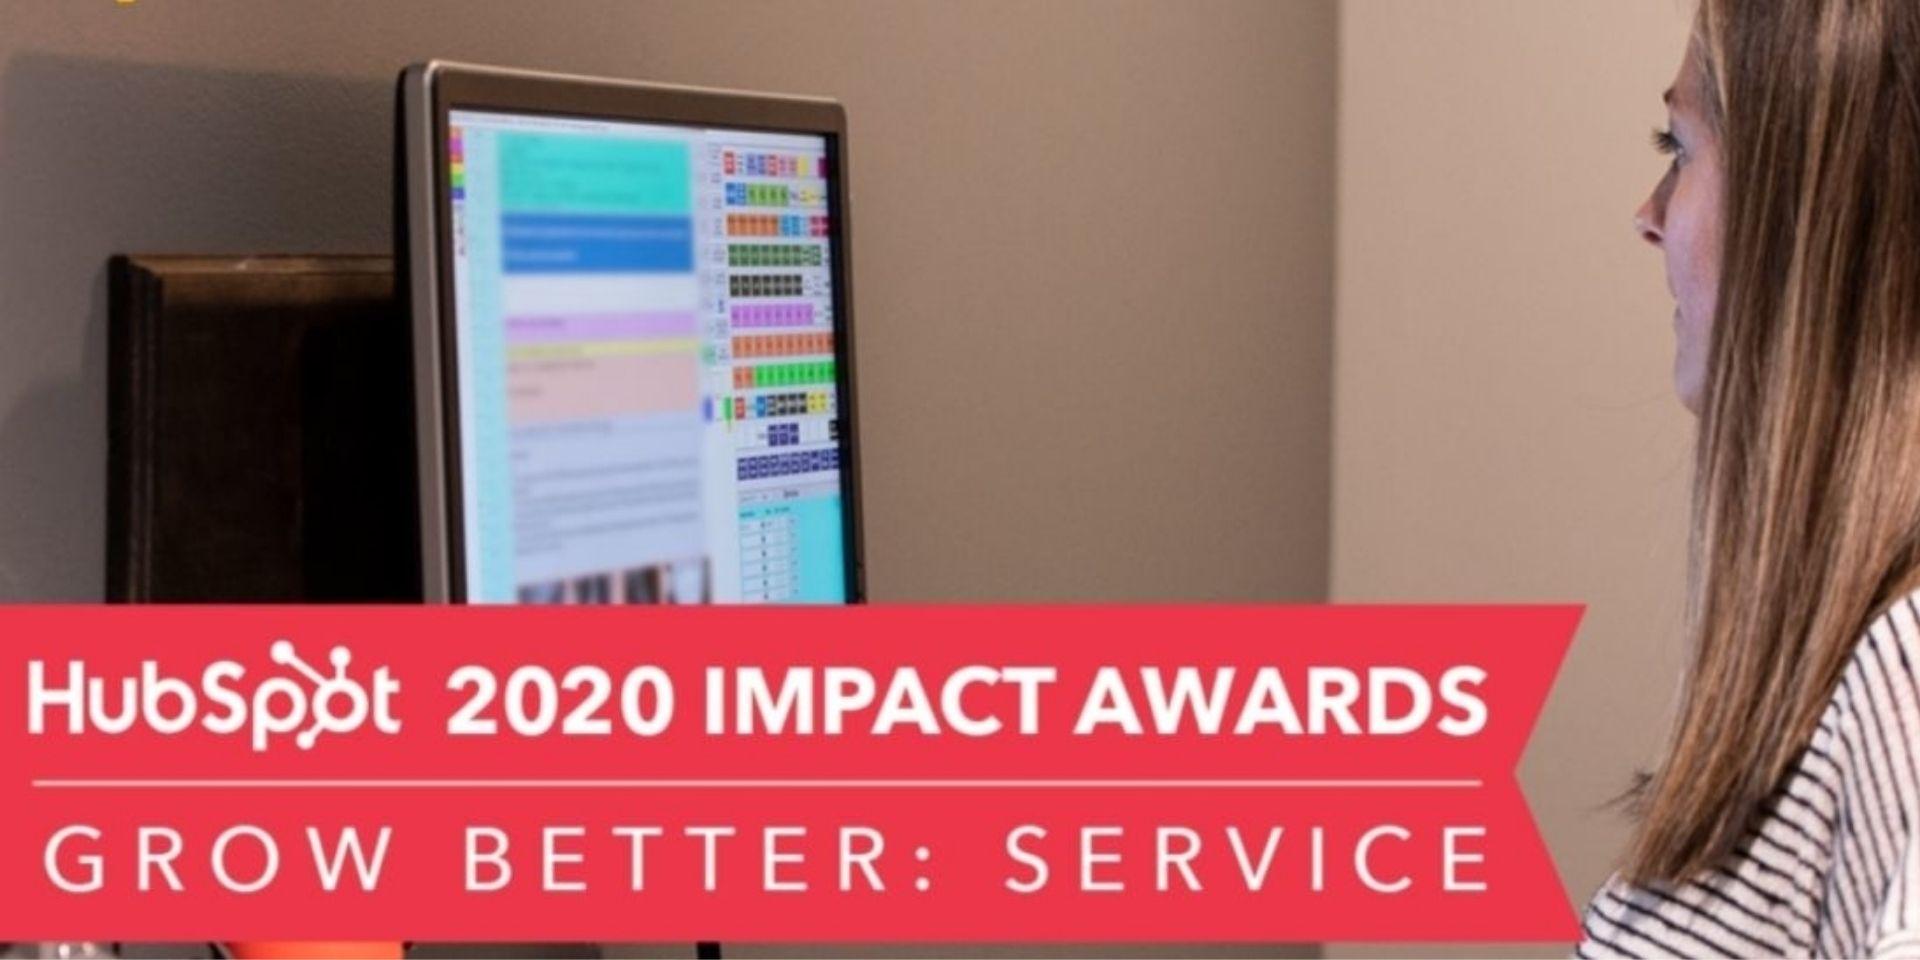 hubspot impact awards